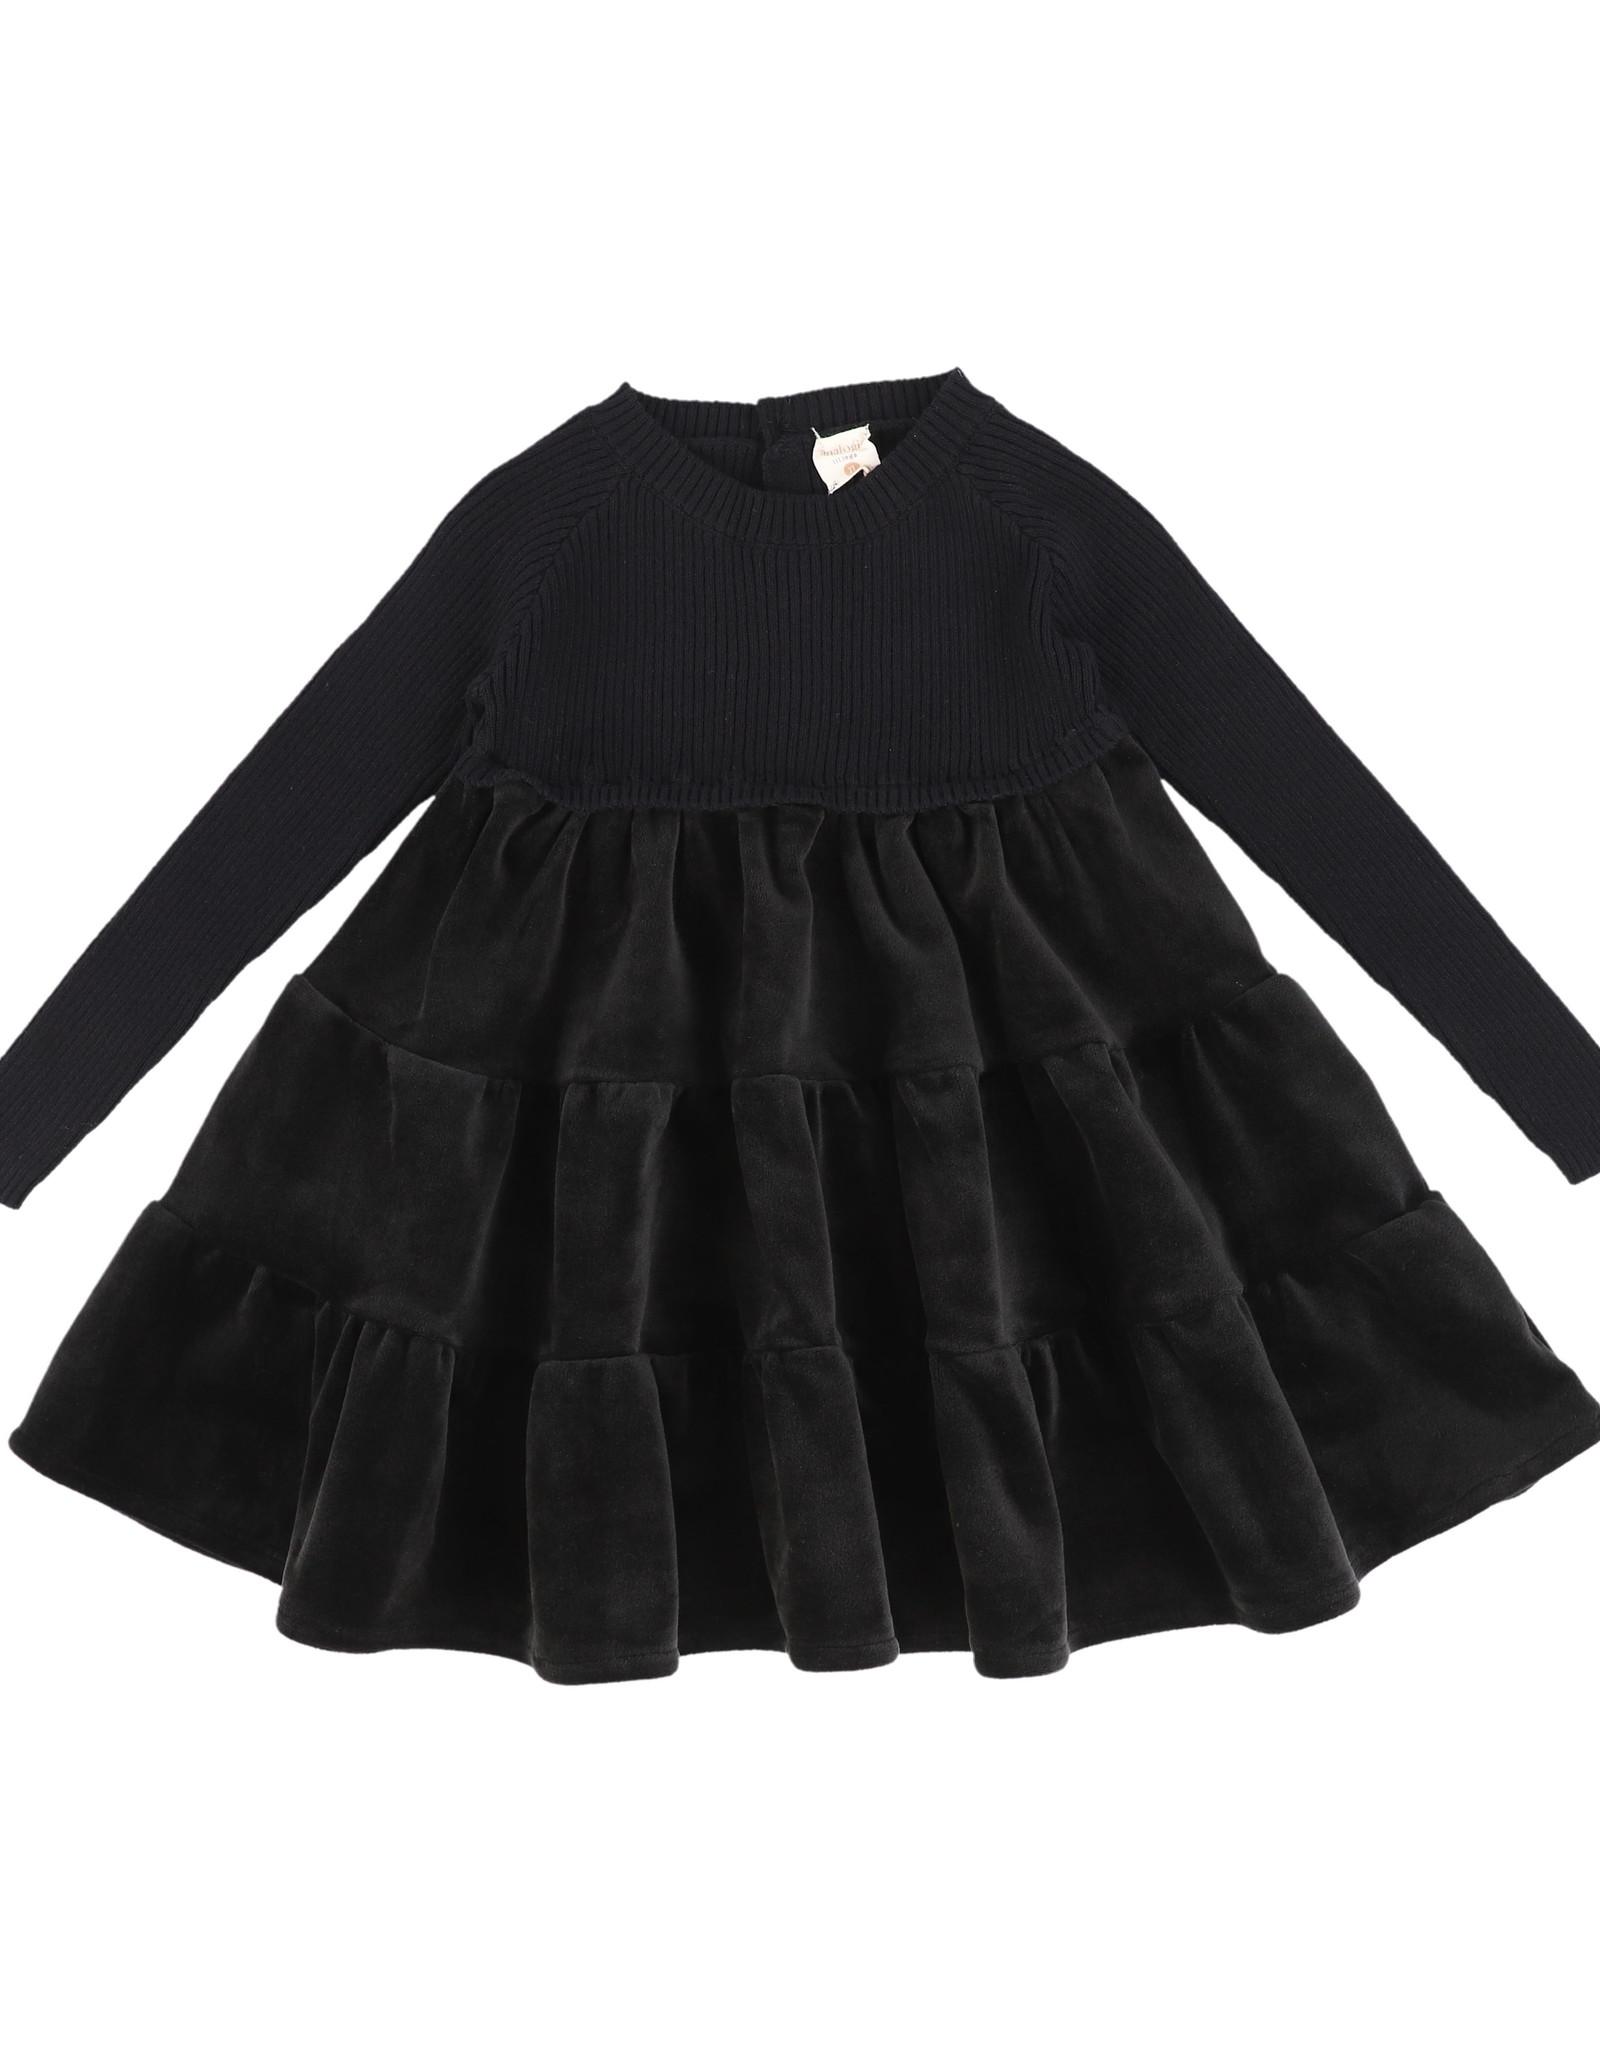 Analogie FW21 Knit Dress